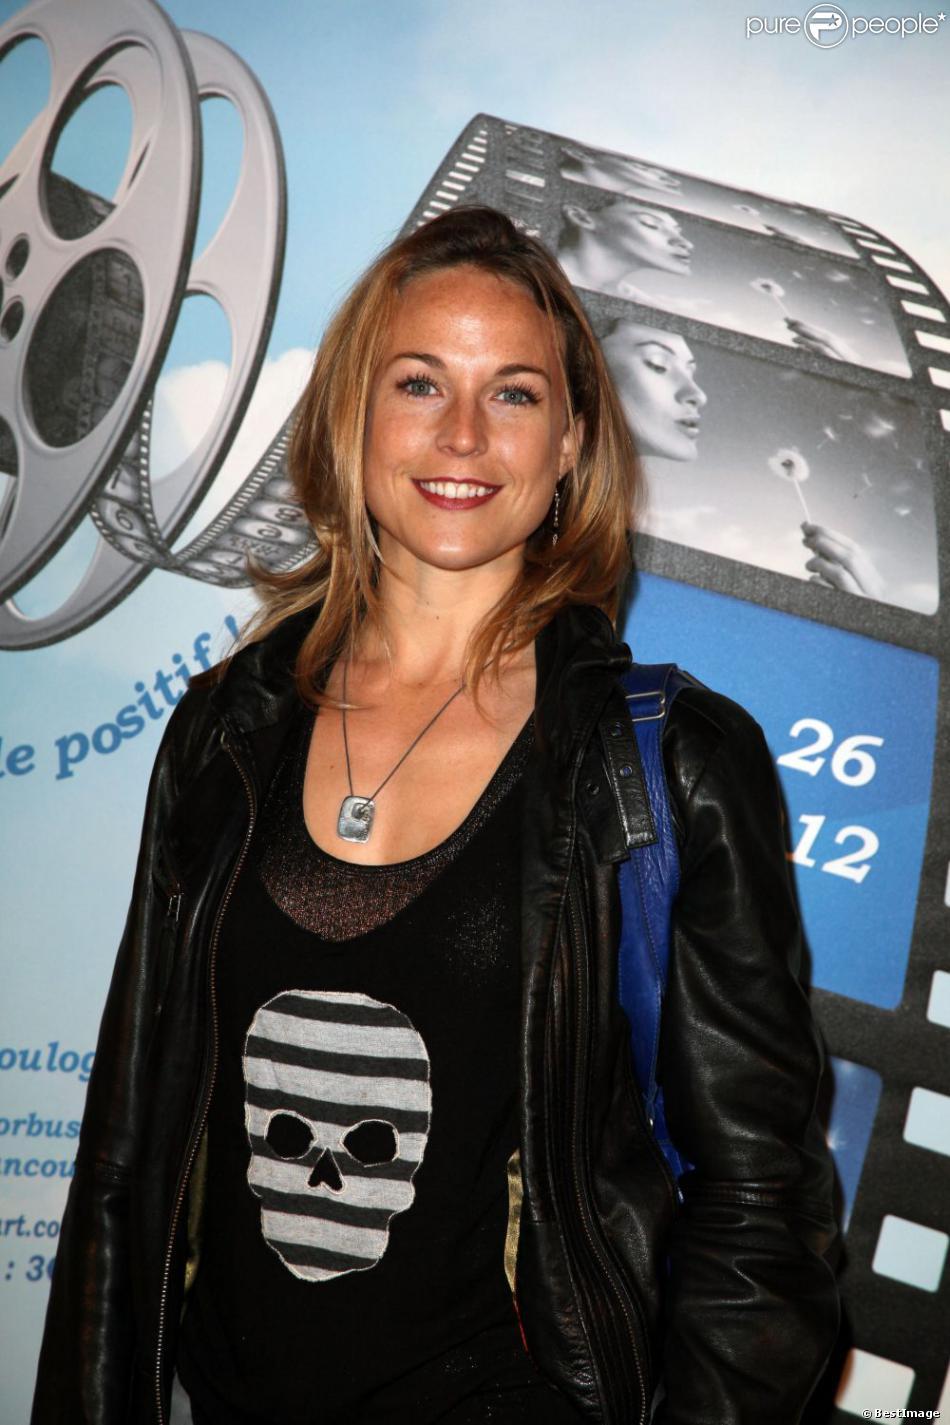 Aurélie Vaneck le 23 mars 2012 à Boulogne-Billancourt.